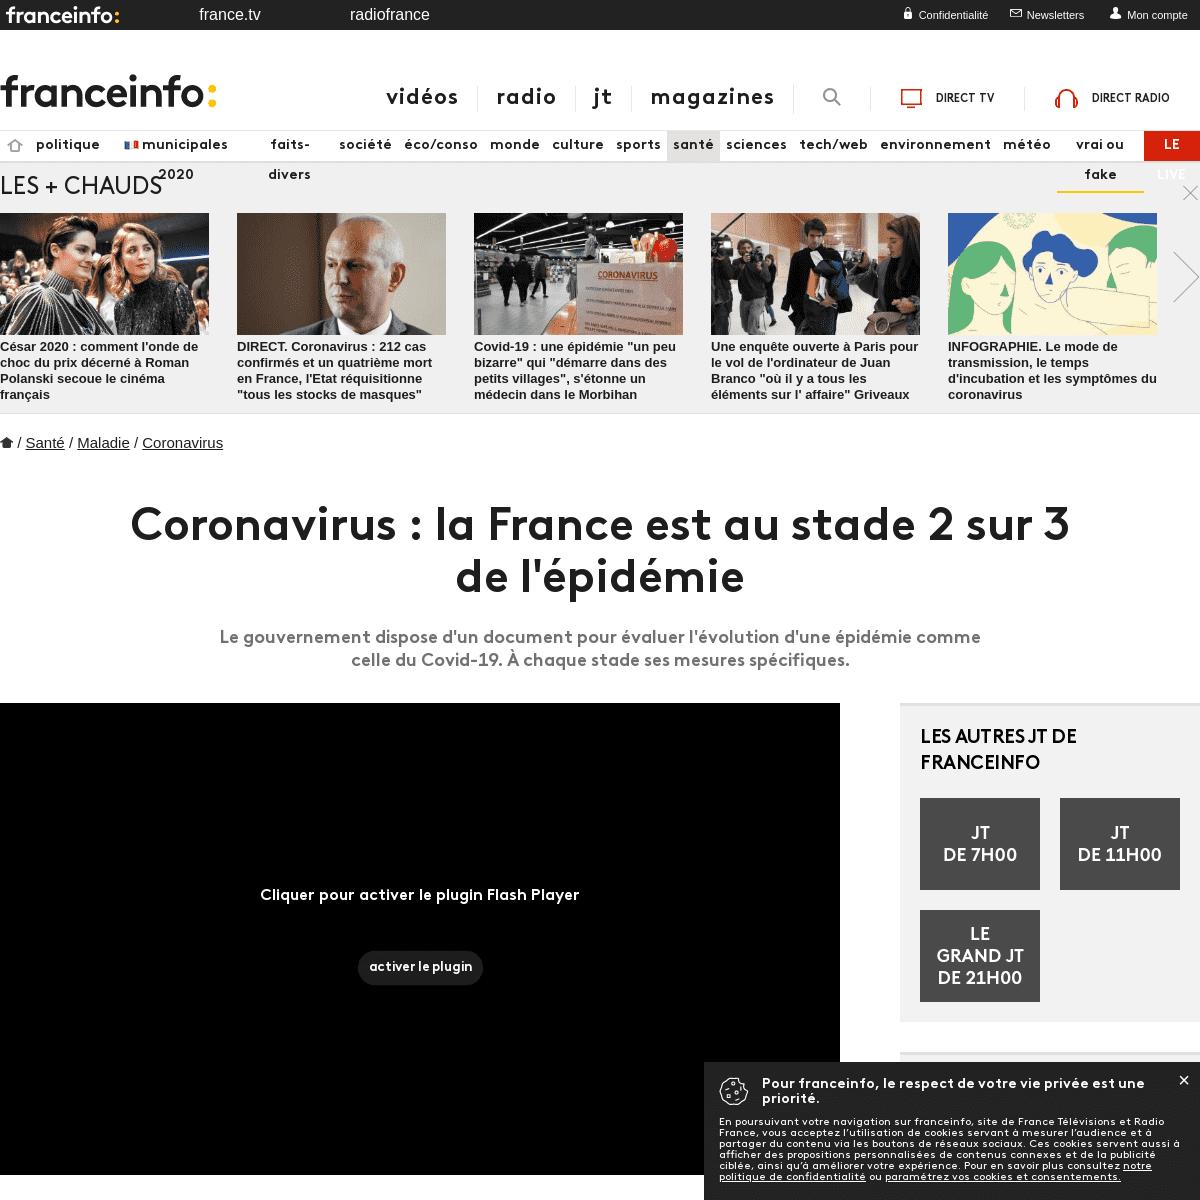 Coronavirus - la France est au stade 2 sur 3 de l'épidémie